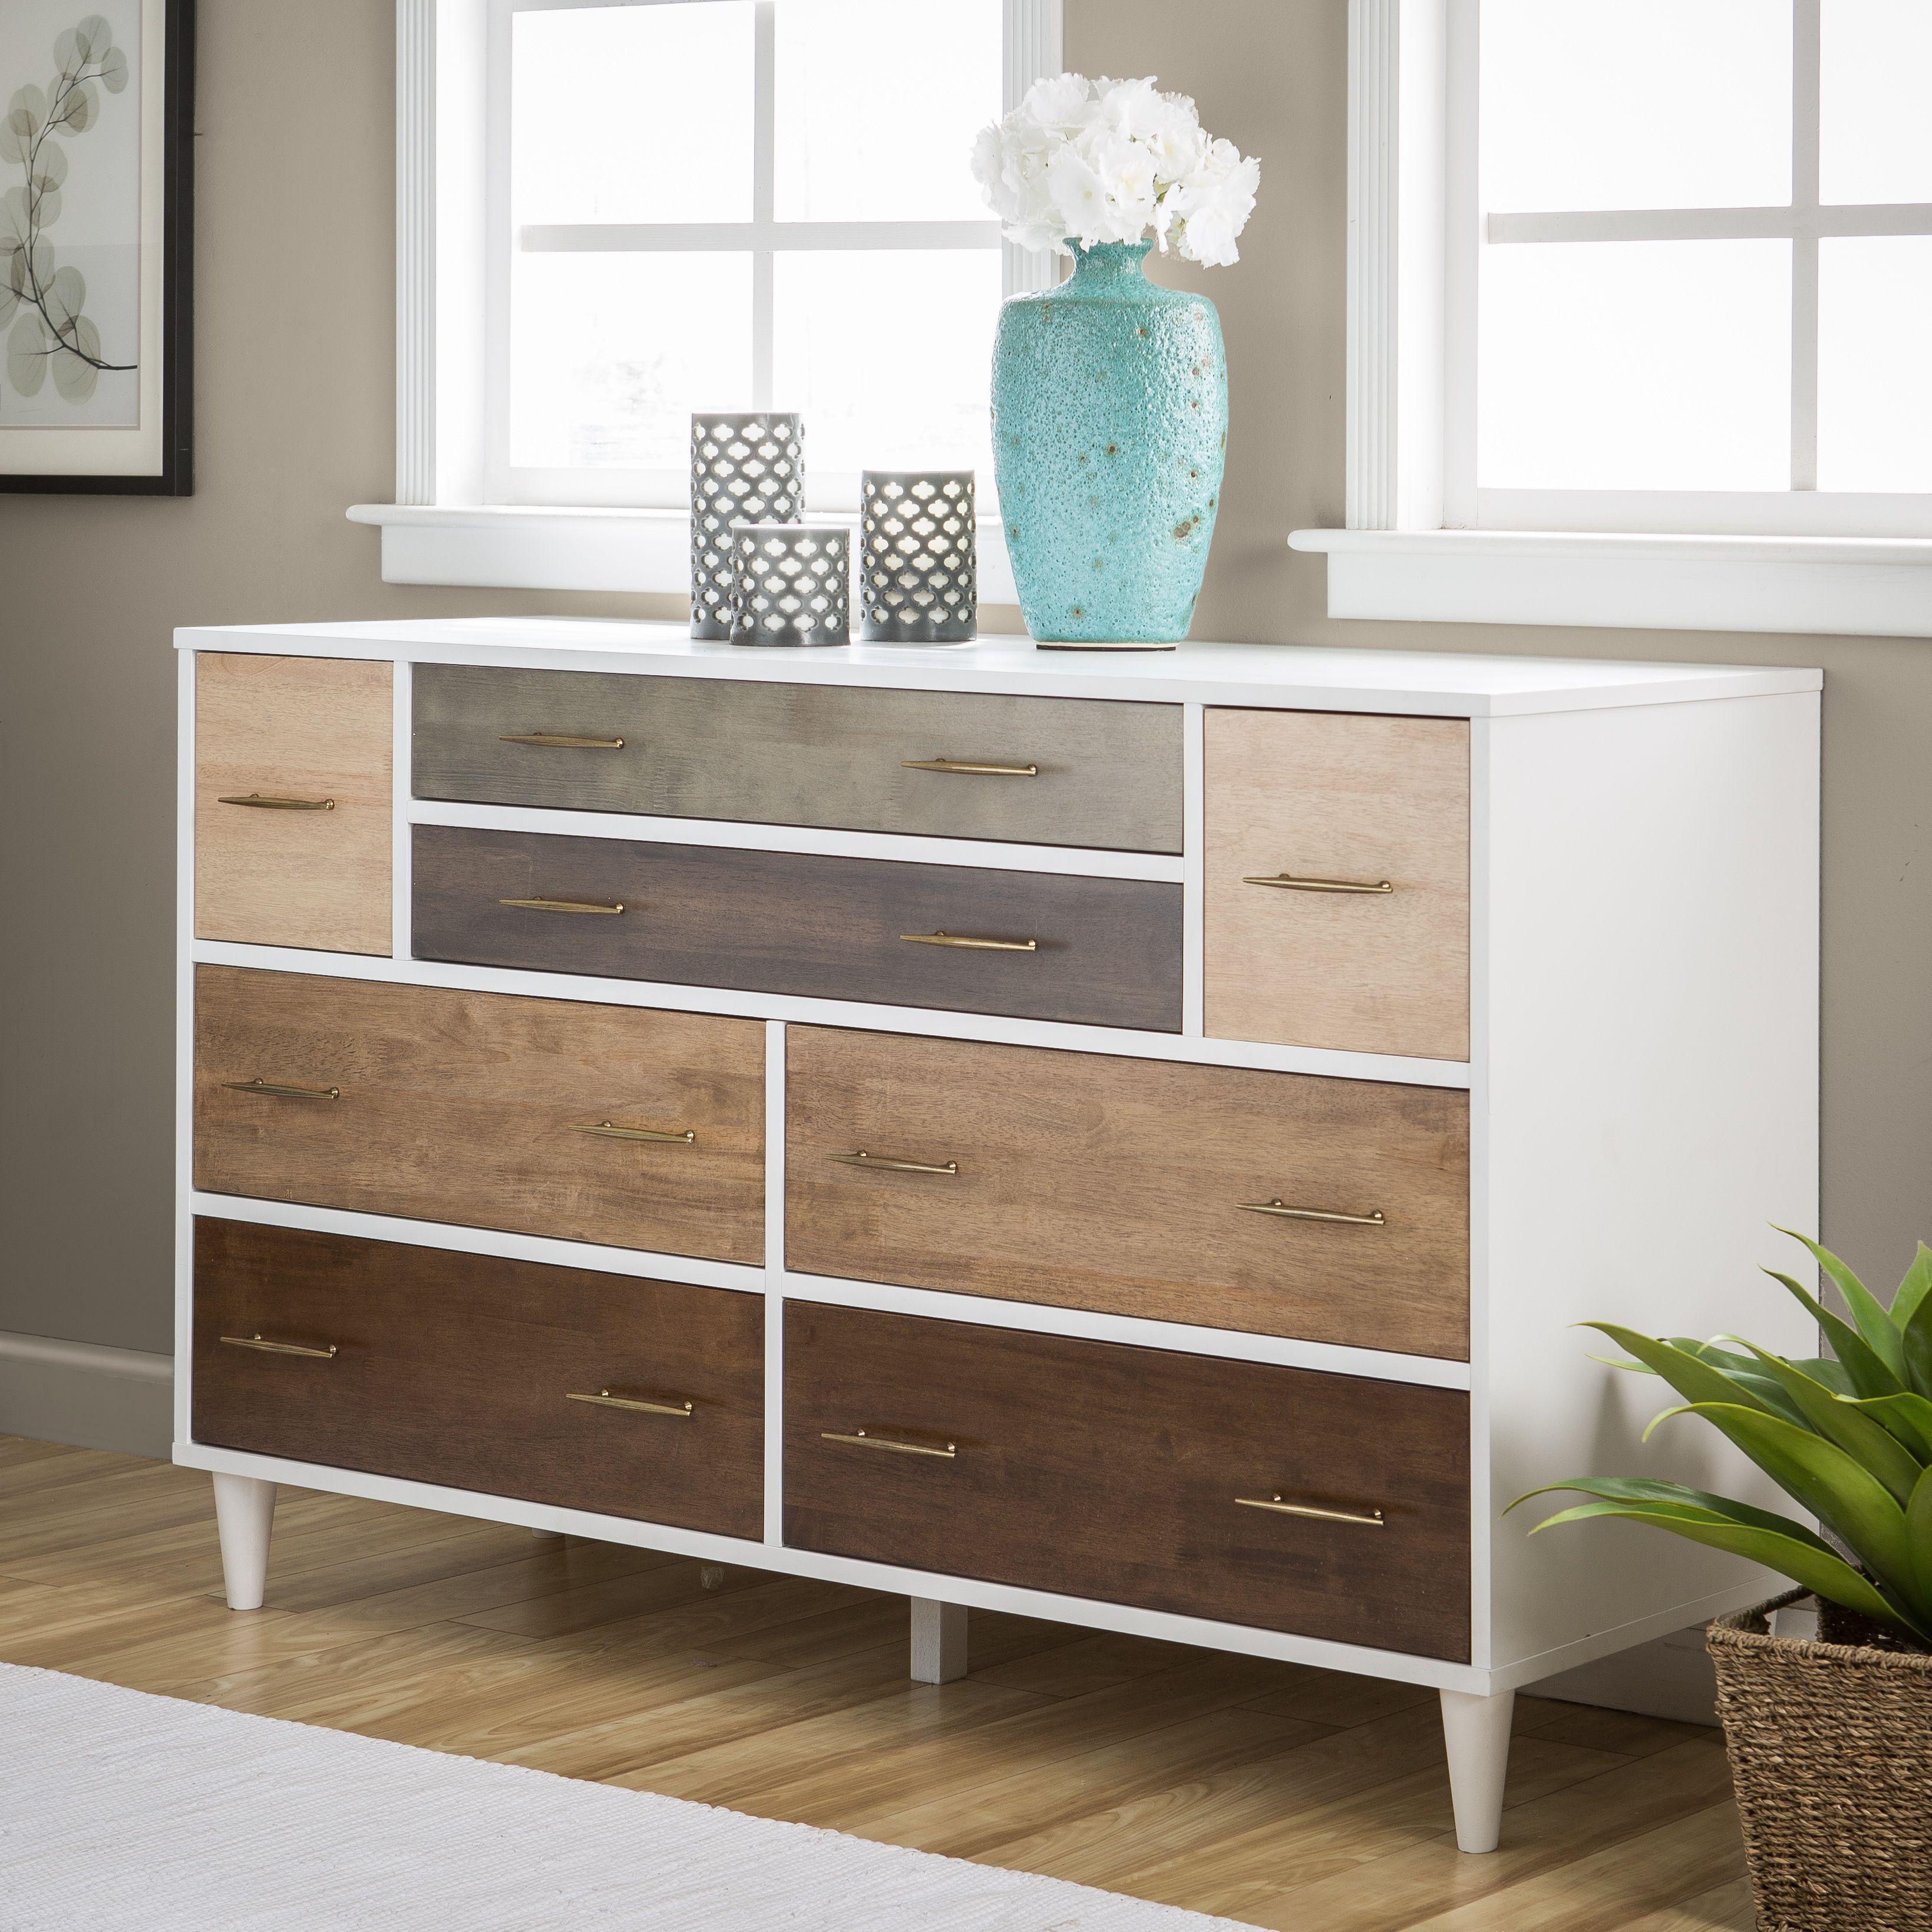 Carson Carrington Christian 8 Drawer Dresser 8 Drawer Dresser Furniture Dresser Drawers